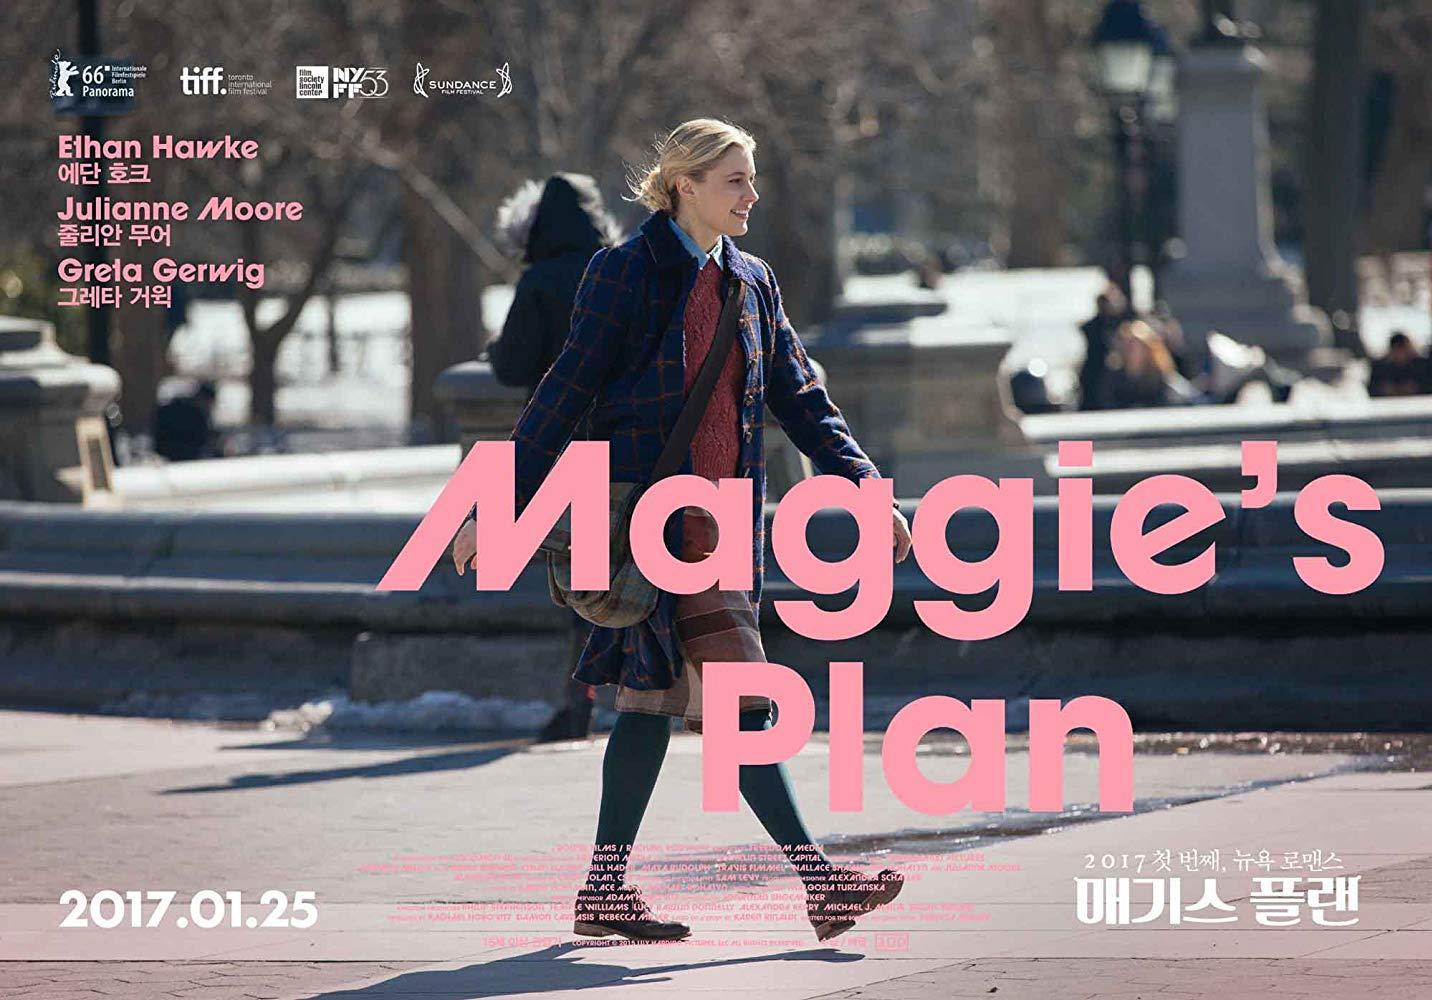 فيلم aggies Plan 2015 مترجم